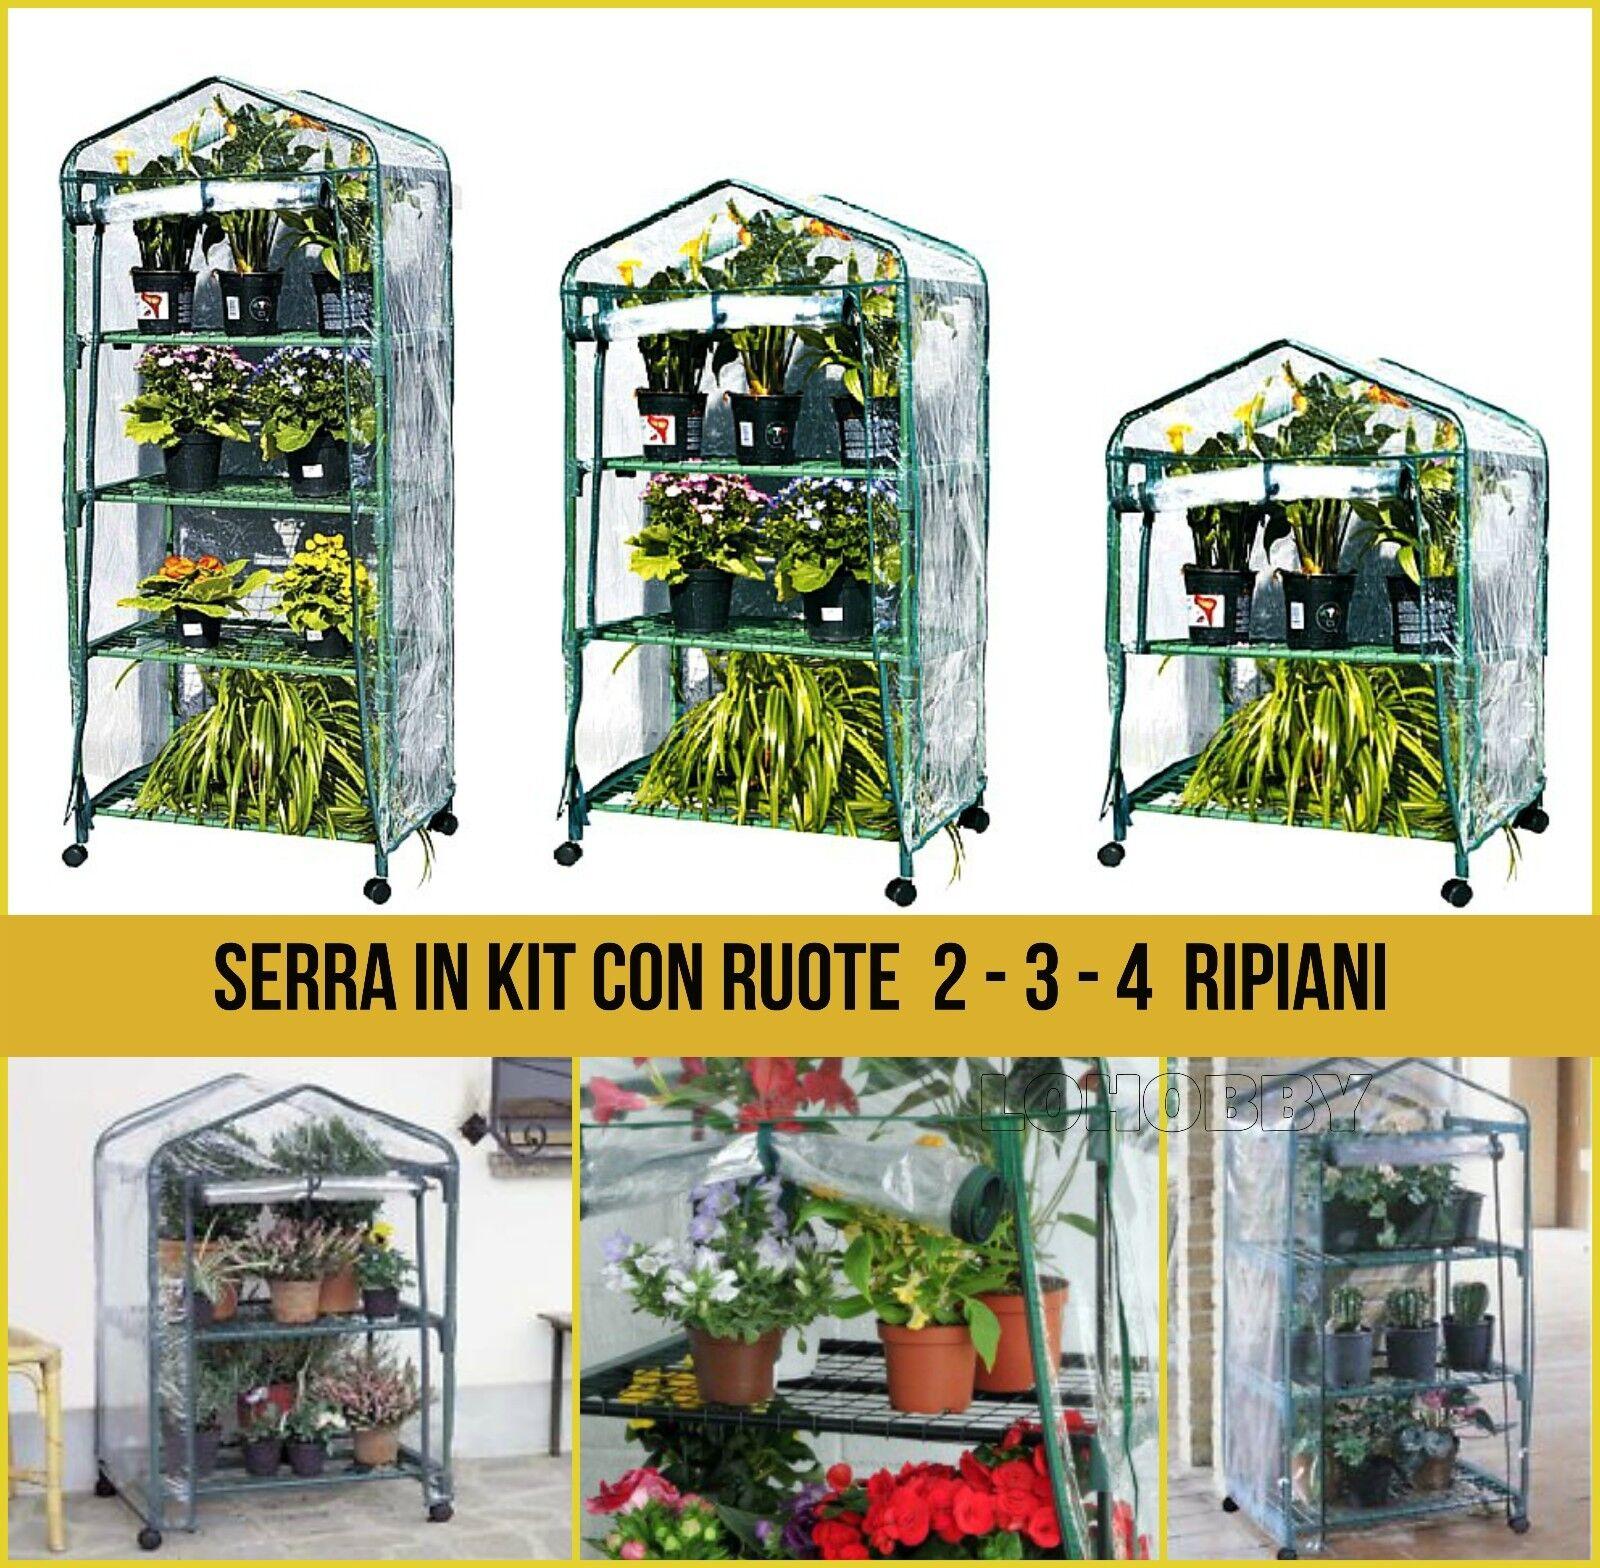 Piccole Serre Da Casa dettagli su serra da balcone in kit 2 - 3 - 4 ripiani con ruote serretta  rapida giardino